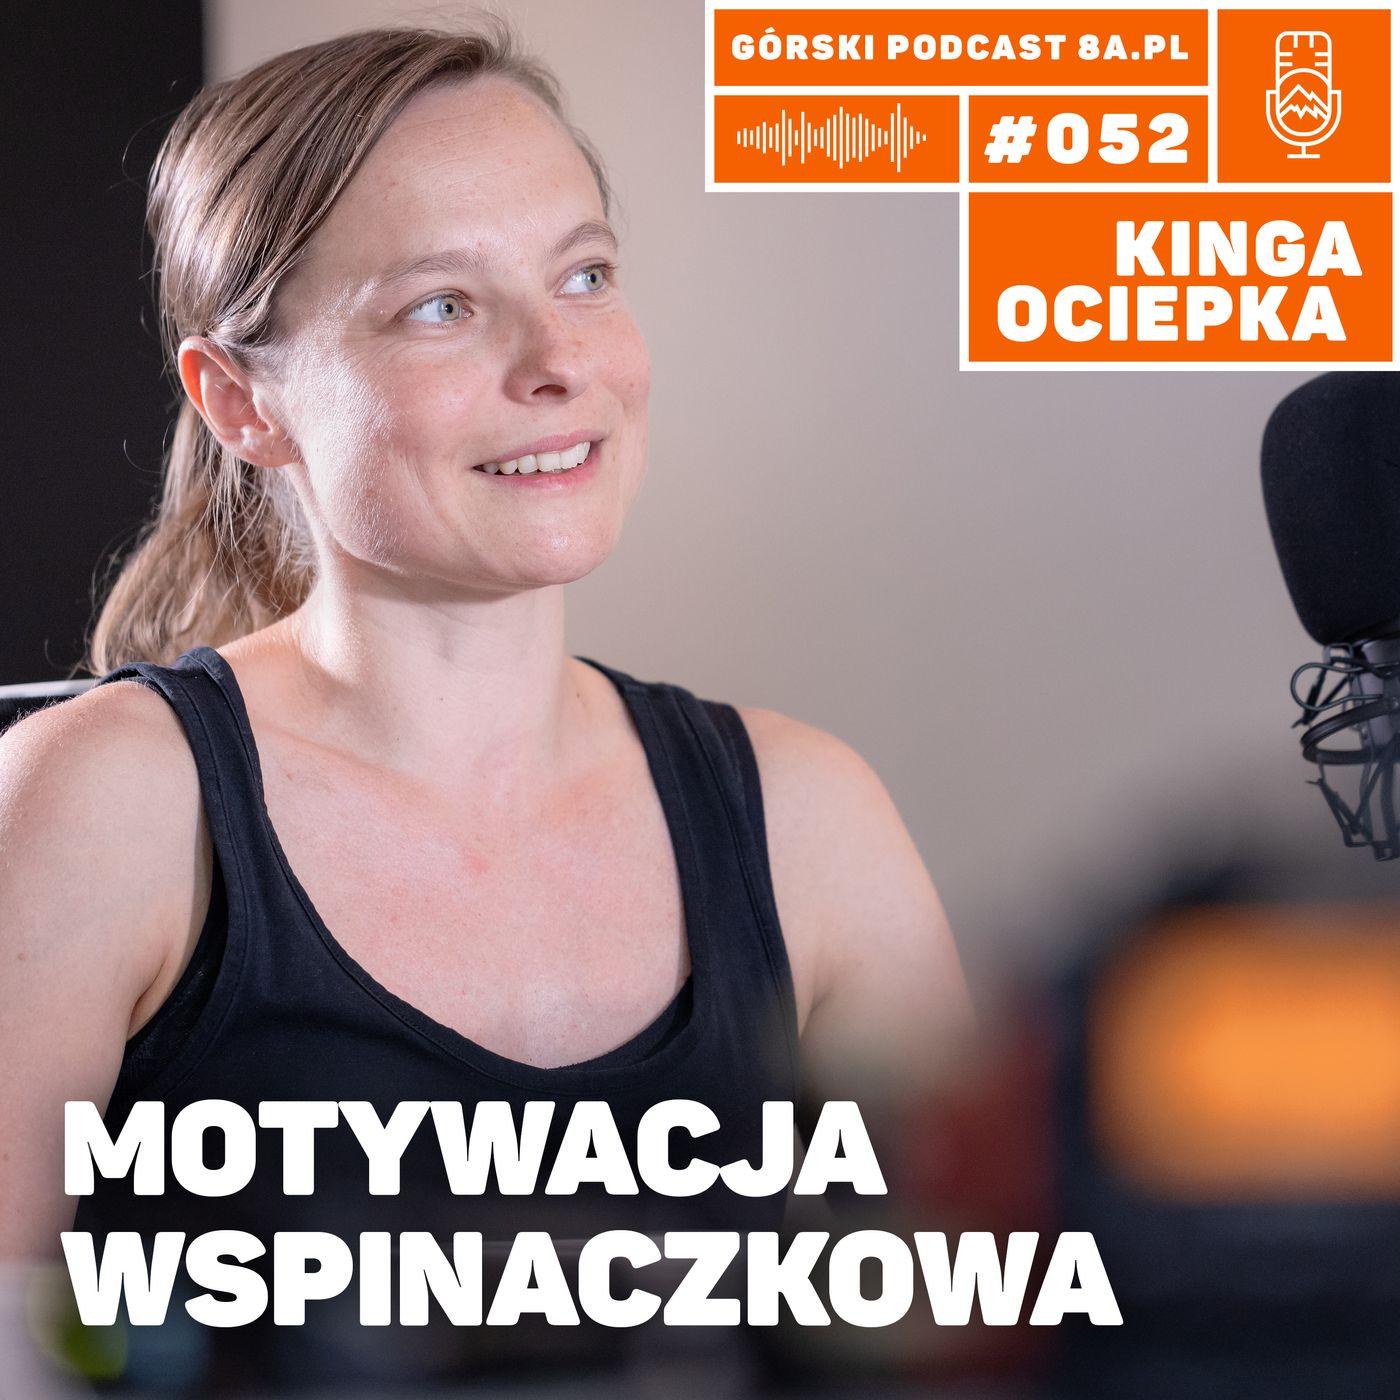 #052 8a.pl - Kinga Ociepka - Grzegulska. Motywacja wspinaczkowa.